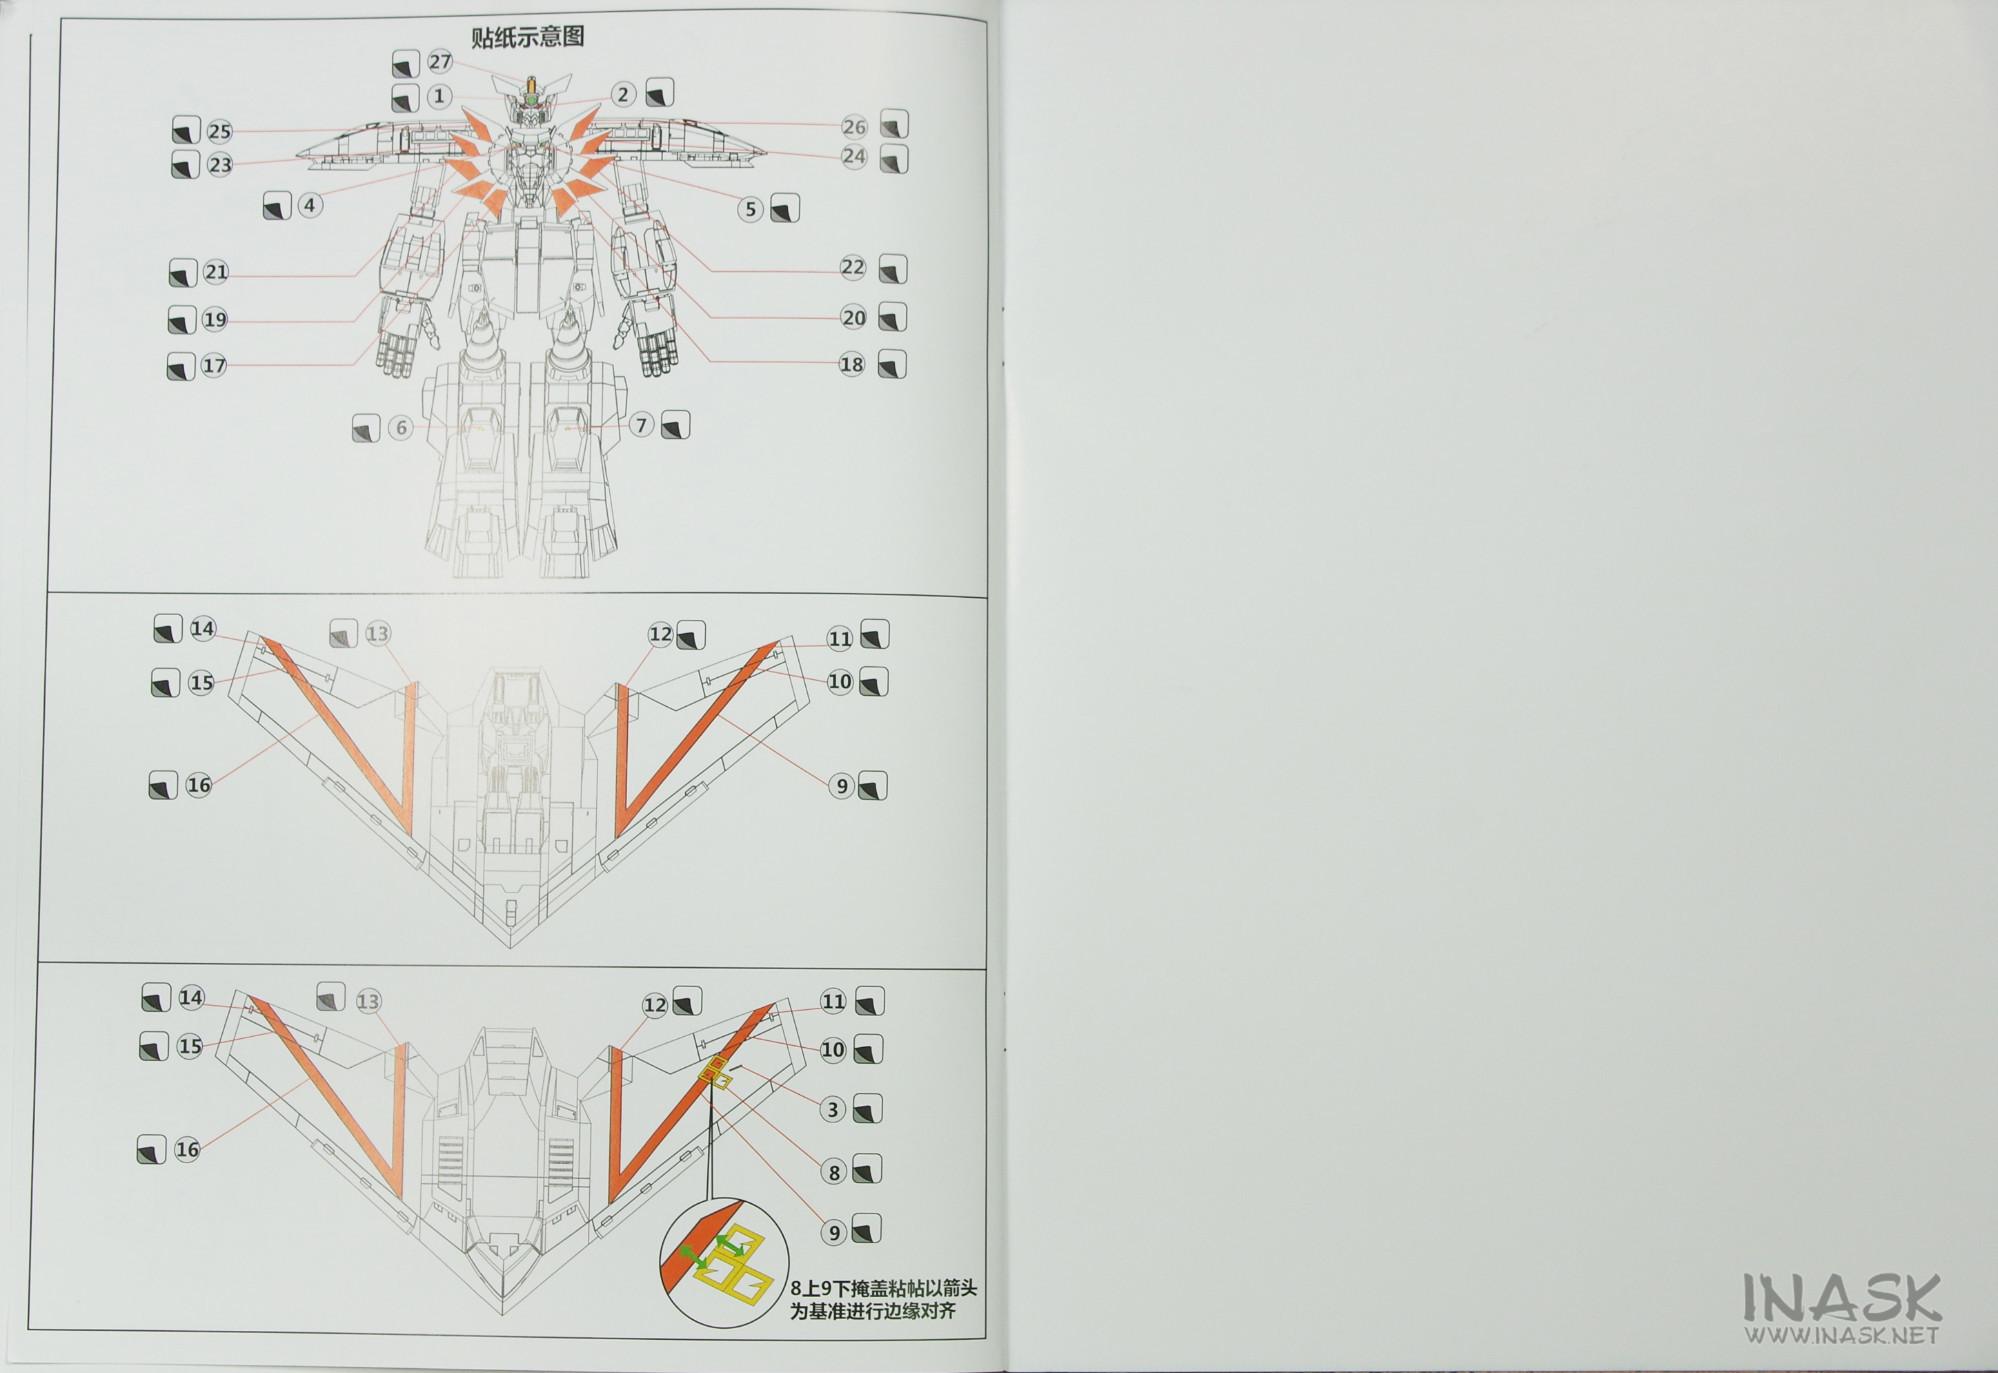 S198_runner_info_inask_47.jpg